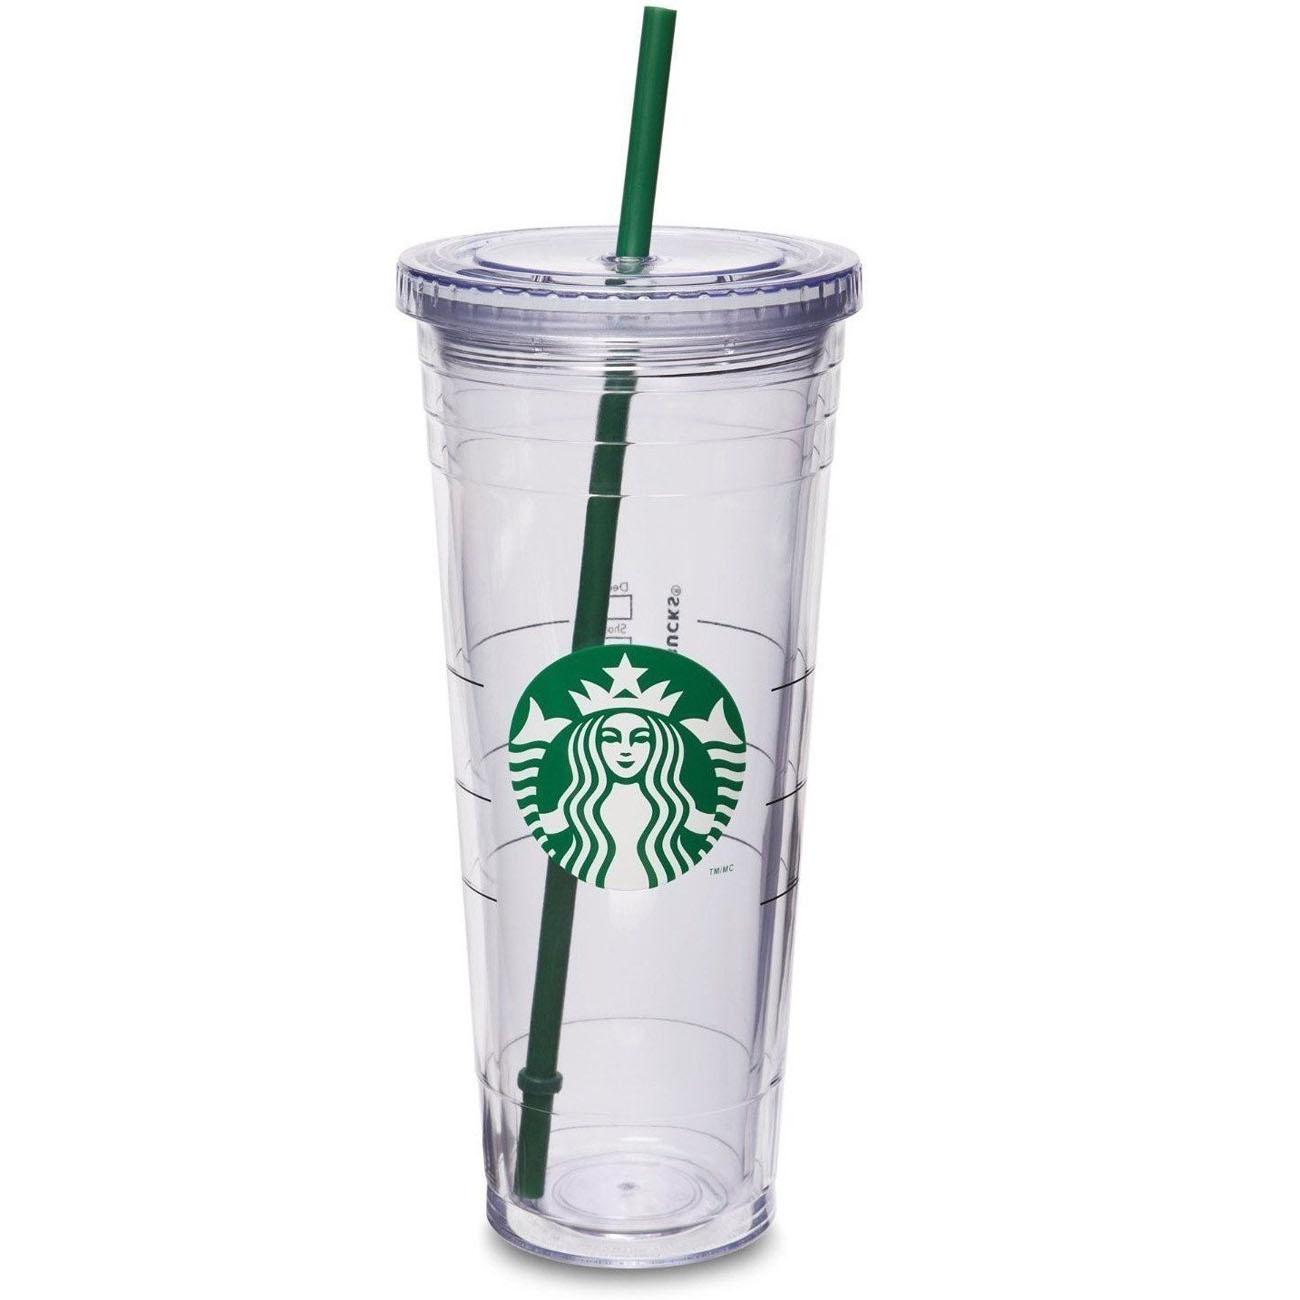 스타벅스 이중 콜드컵 710 ml 투명 로고